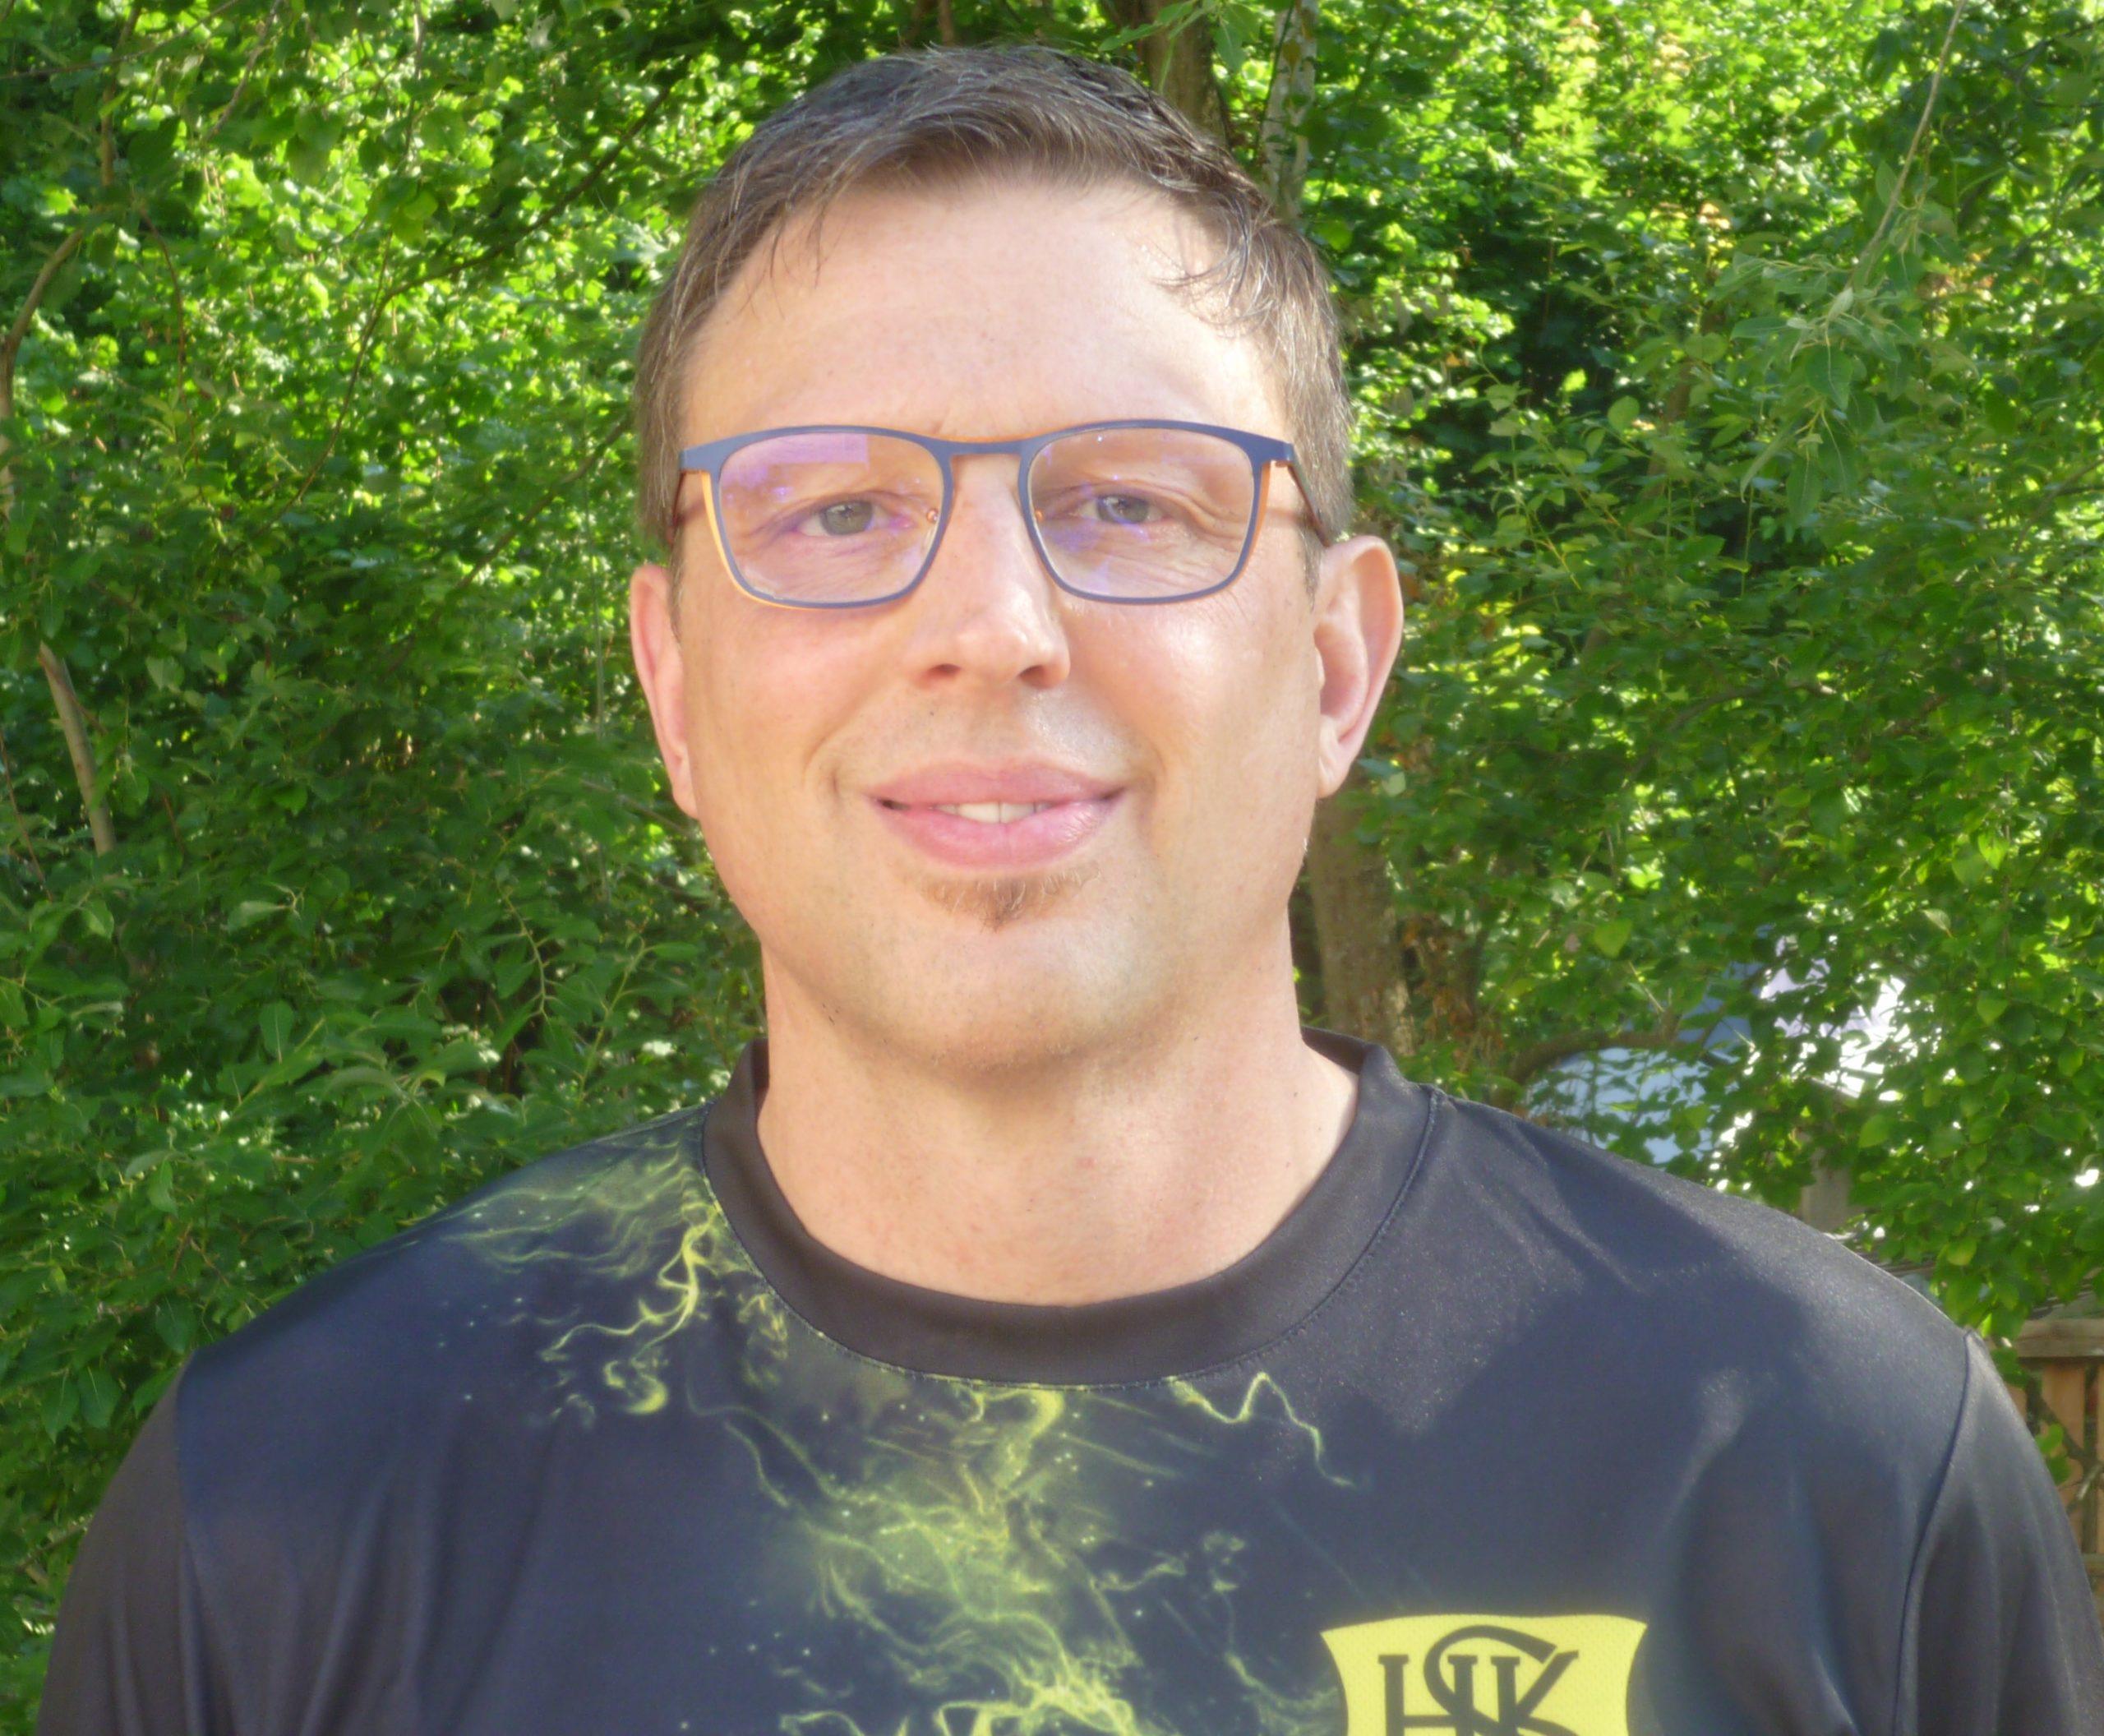 Sascha Kittelberger